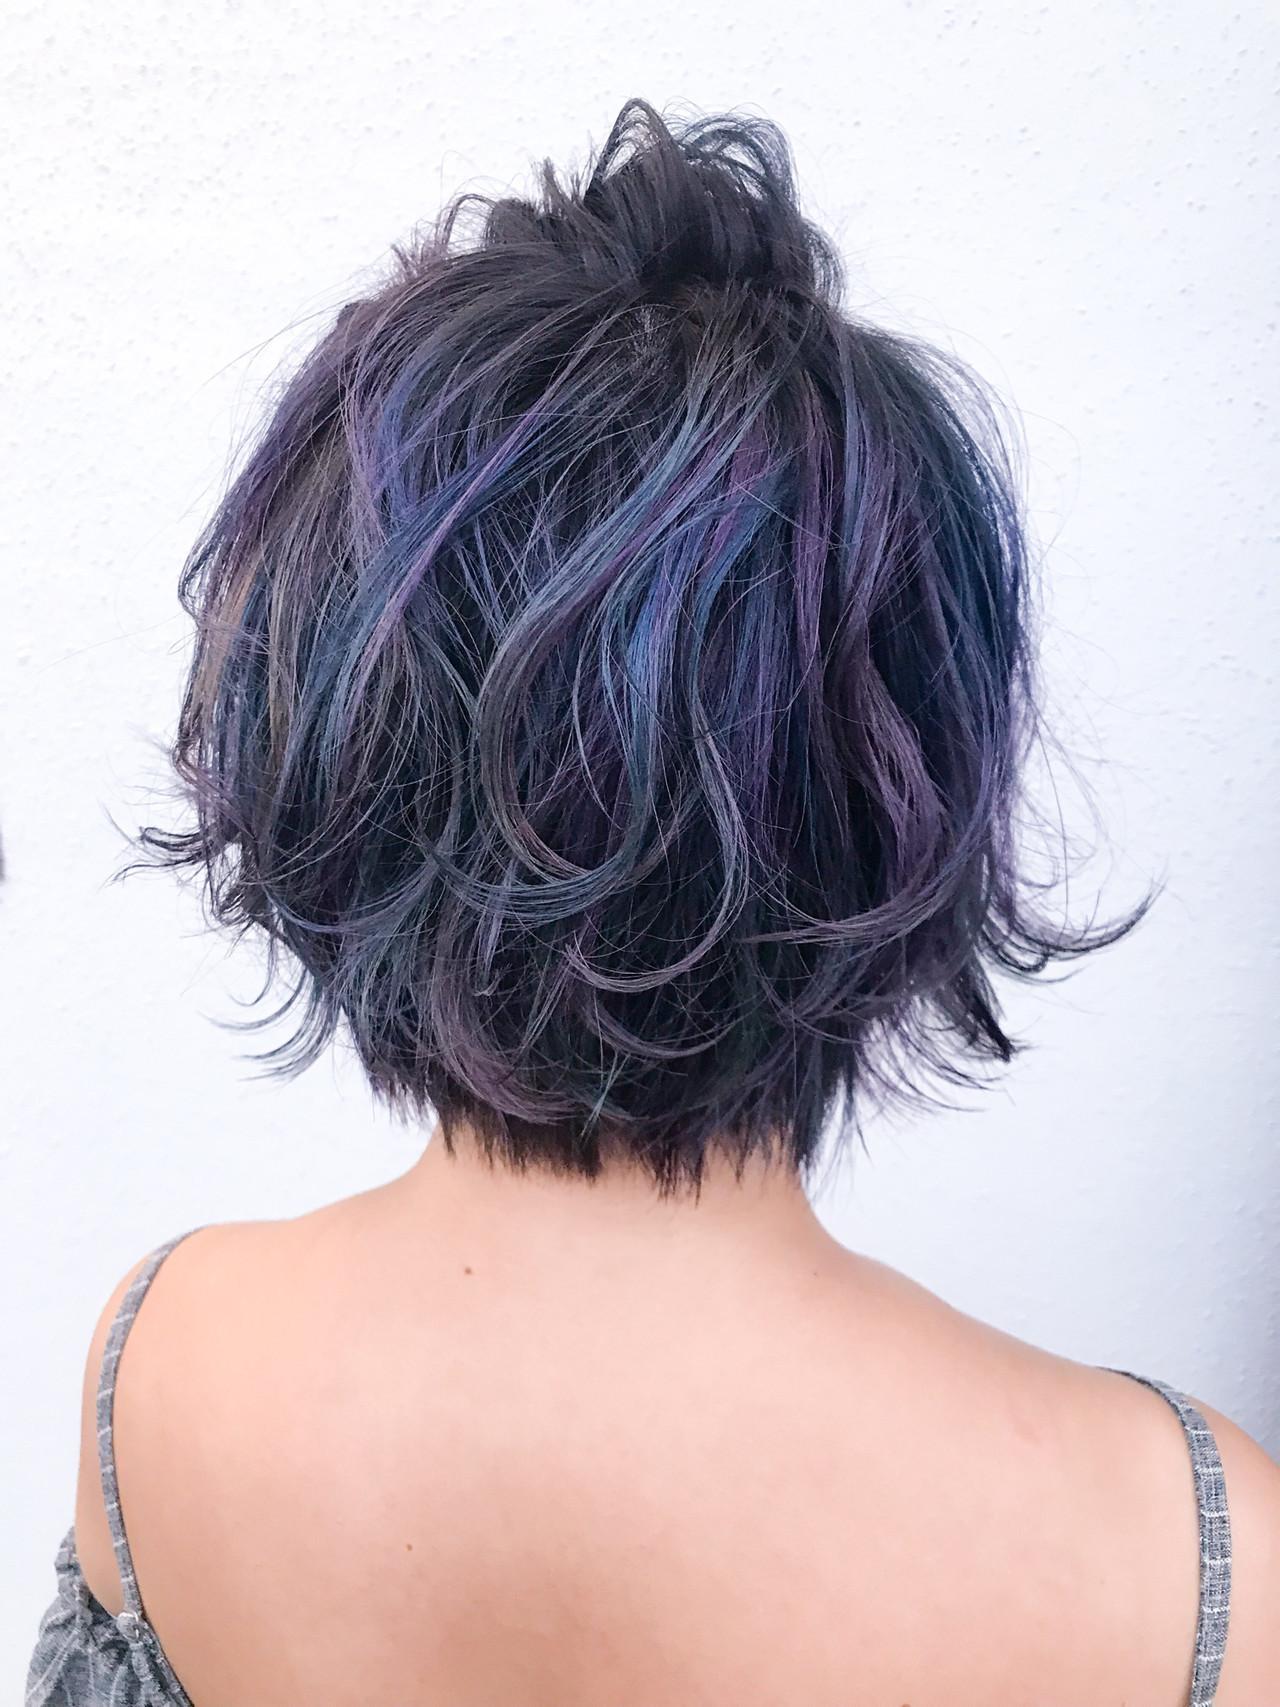 ブルーバイオレット 簡単ヘアアレンジ くるりんぱ デザインカラー ヘアスタイルや髪型の写真・画像